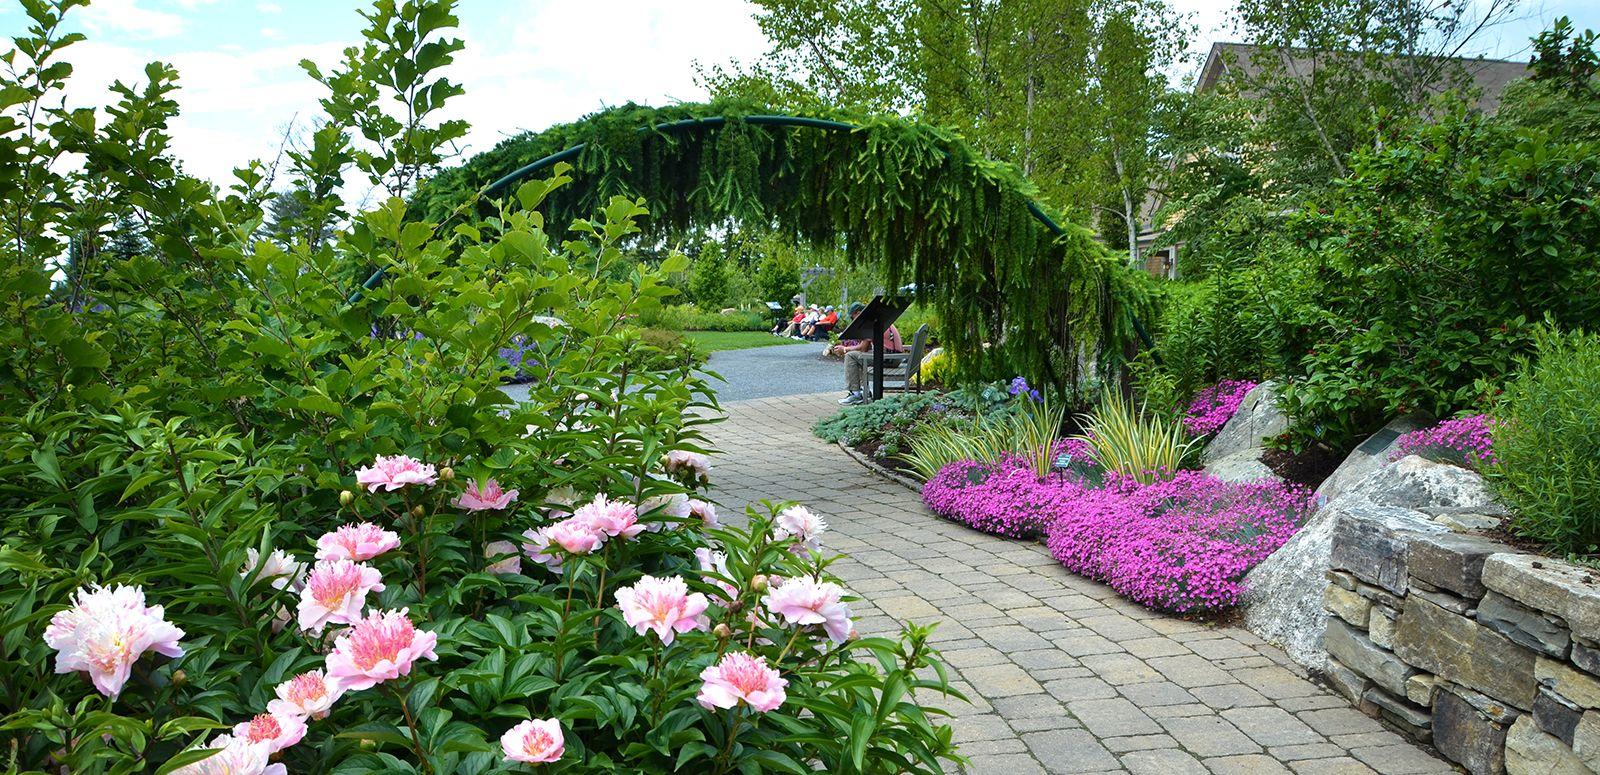 7d5de2903f43893b1c02e46797f0d9c5 - Coastal Maine Botanical Gardens Maine Days